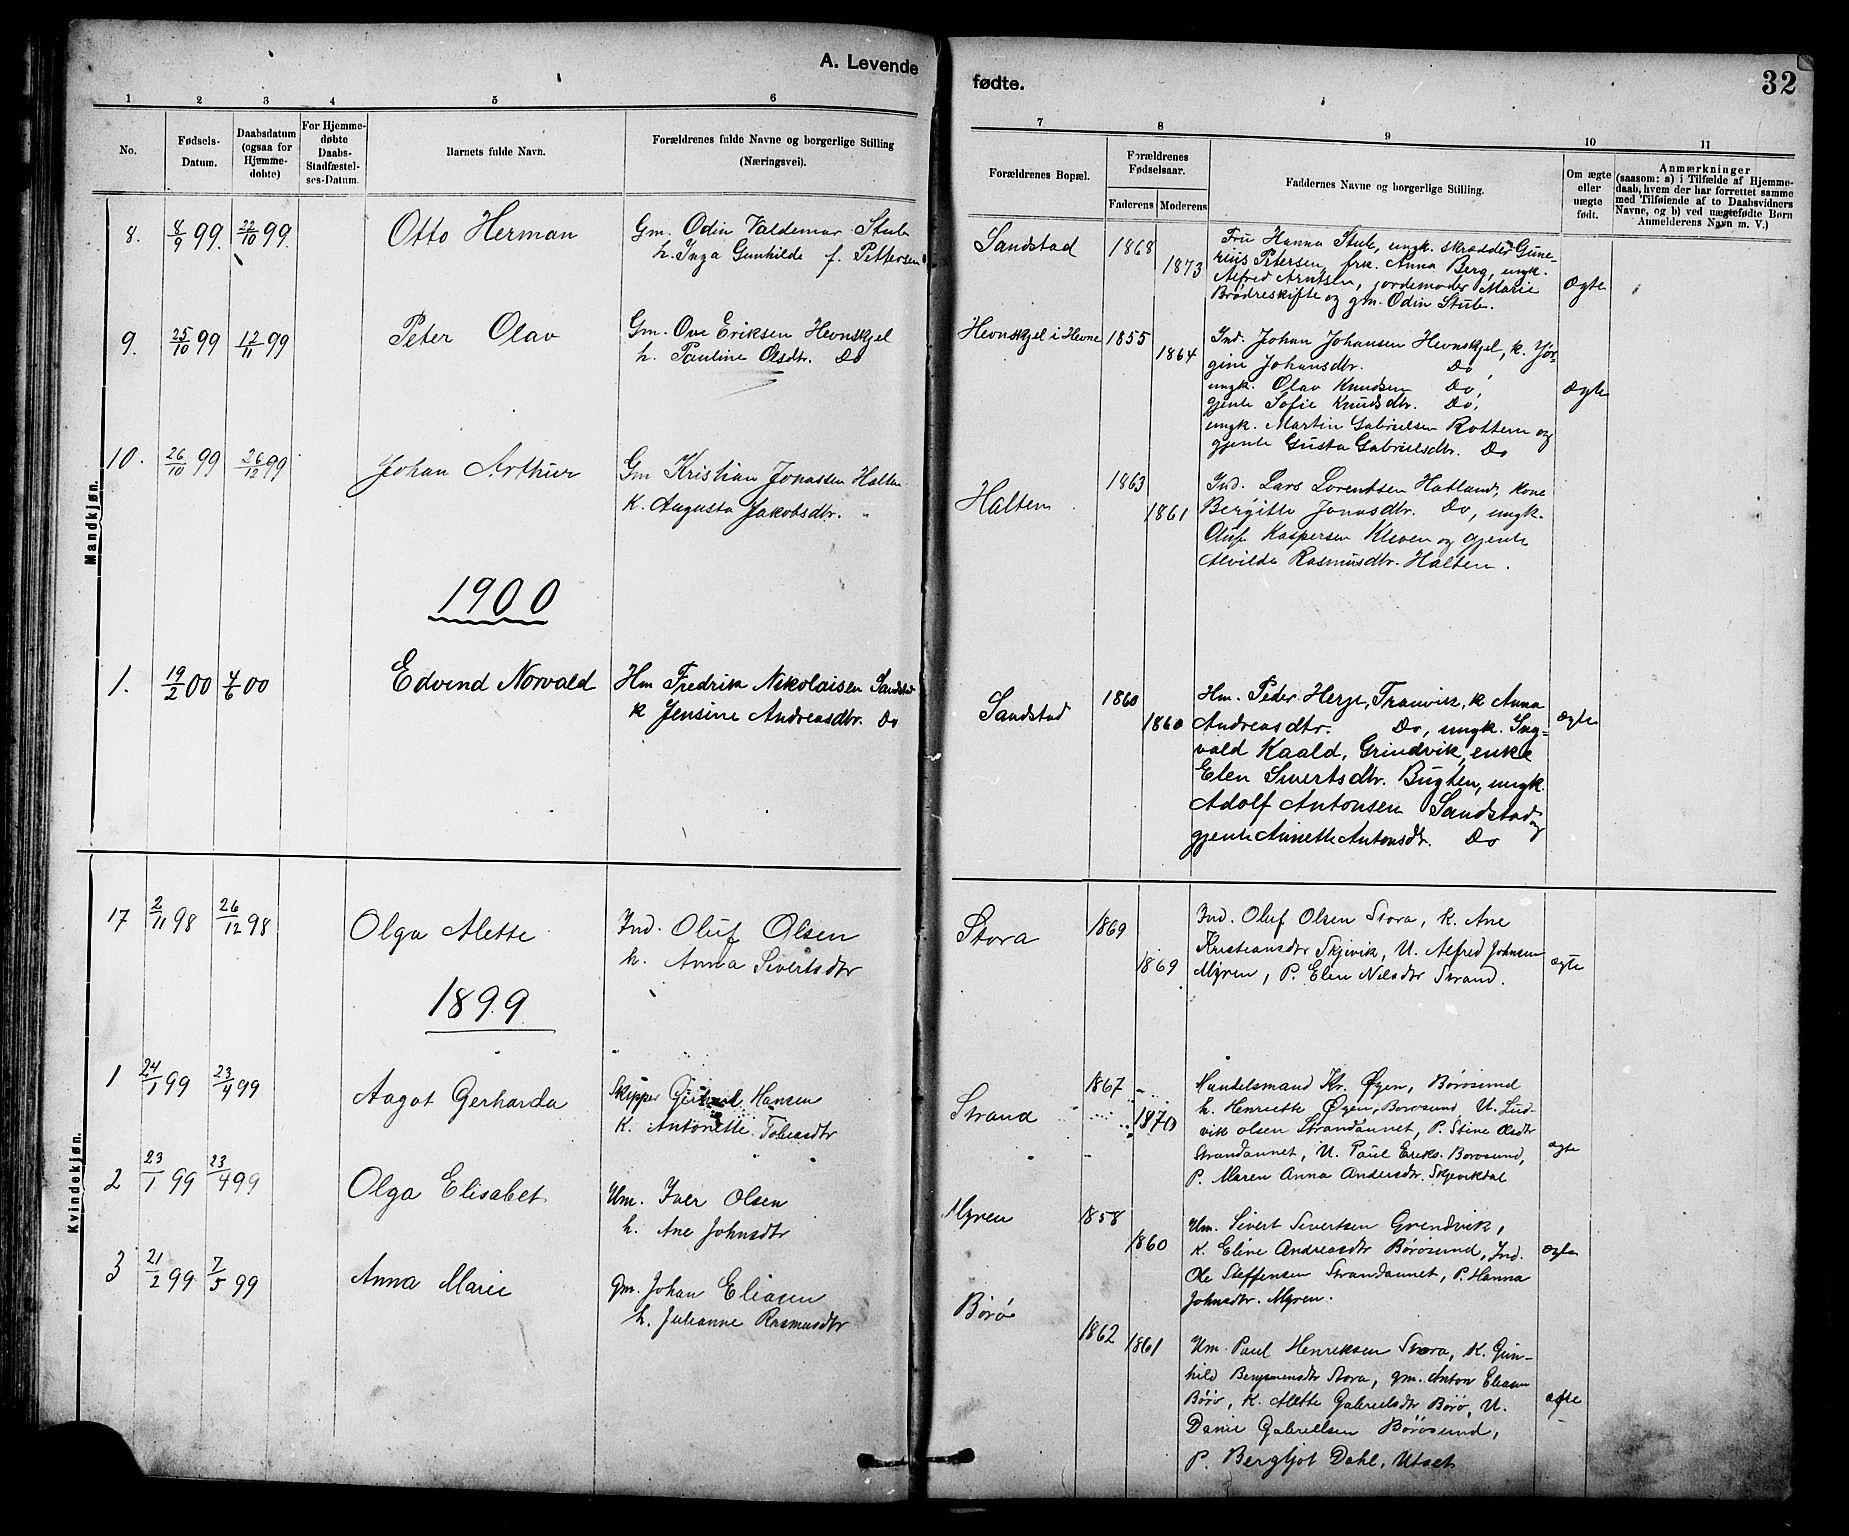 SAT, Ministerialprotokoller, klokkerbøker og fødselsregistre - Sør-Trøndelag, 639/L0573: Klokkerbok nr. 639C01, 1890-1905, s. 32